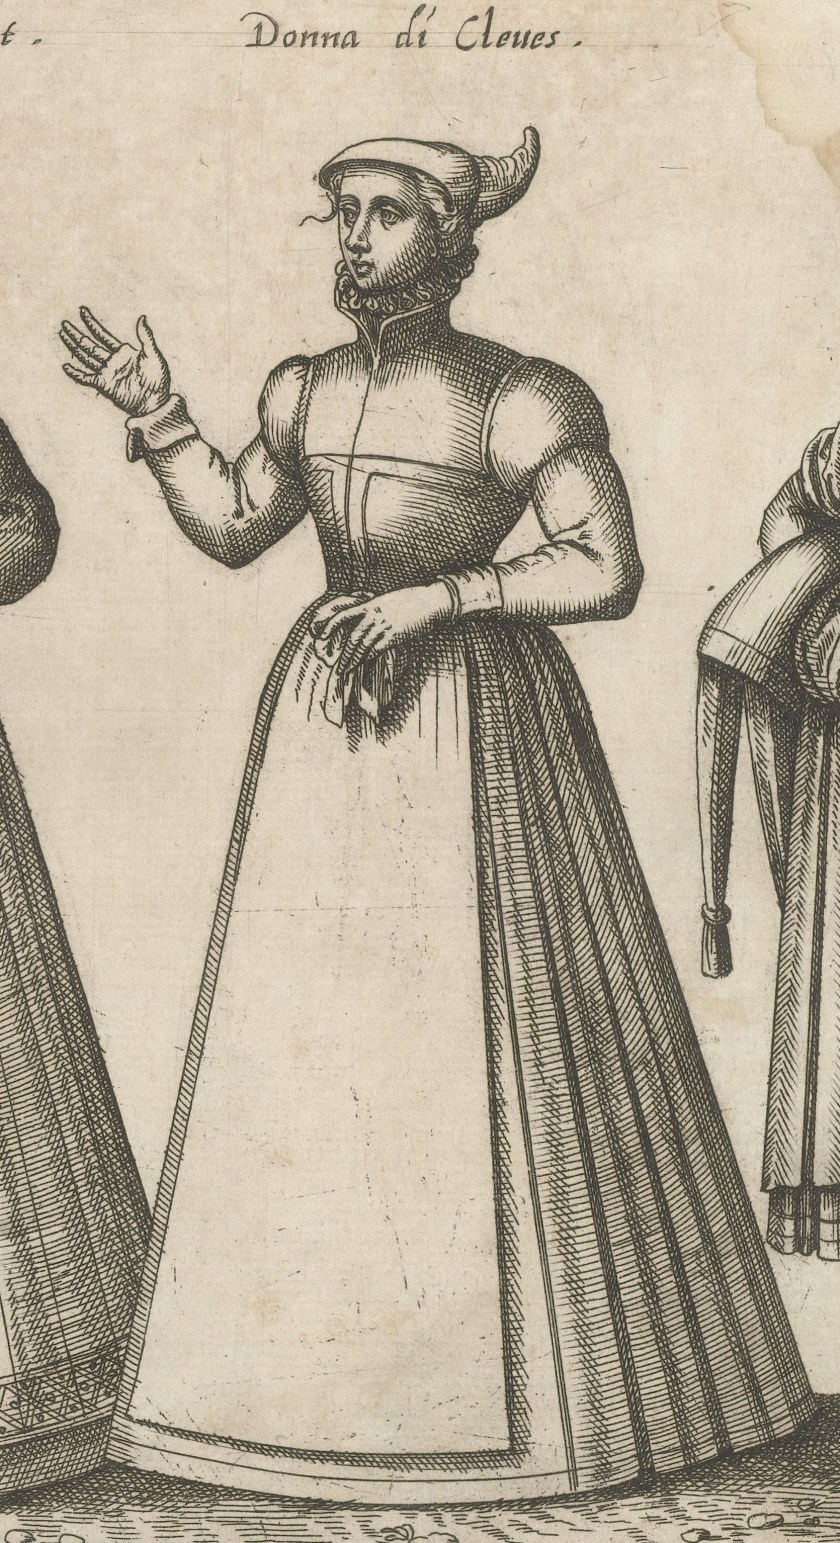 1585 Cleves. Fig 3 page 39, Dei veri ritratti degl'habiti[...] Grassi. Rijksmuseum, BI-1946-264-39